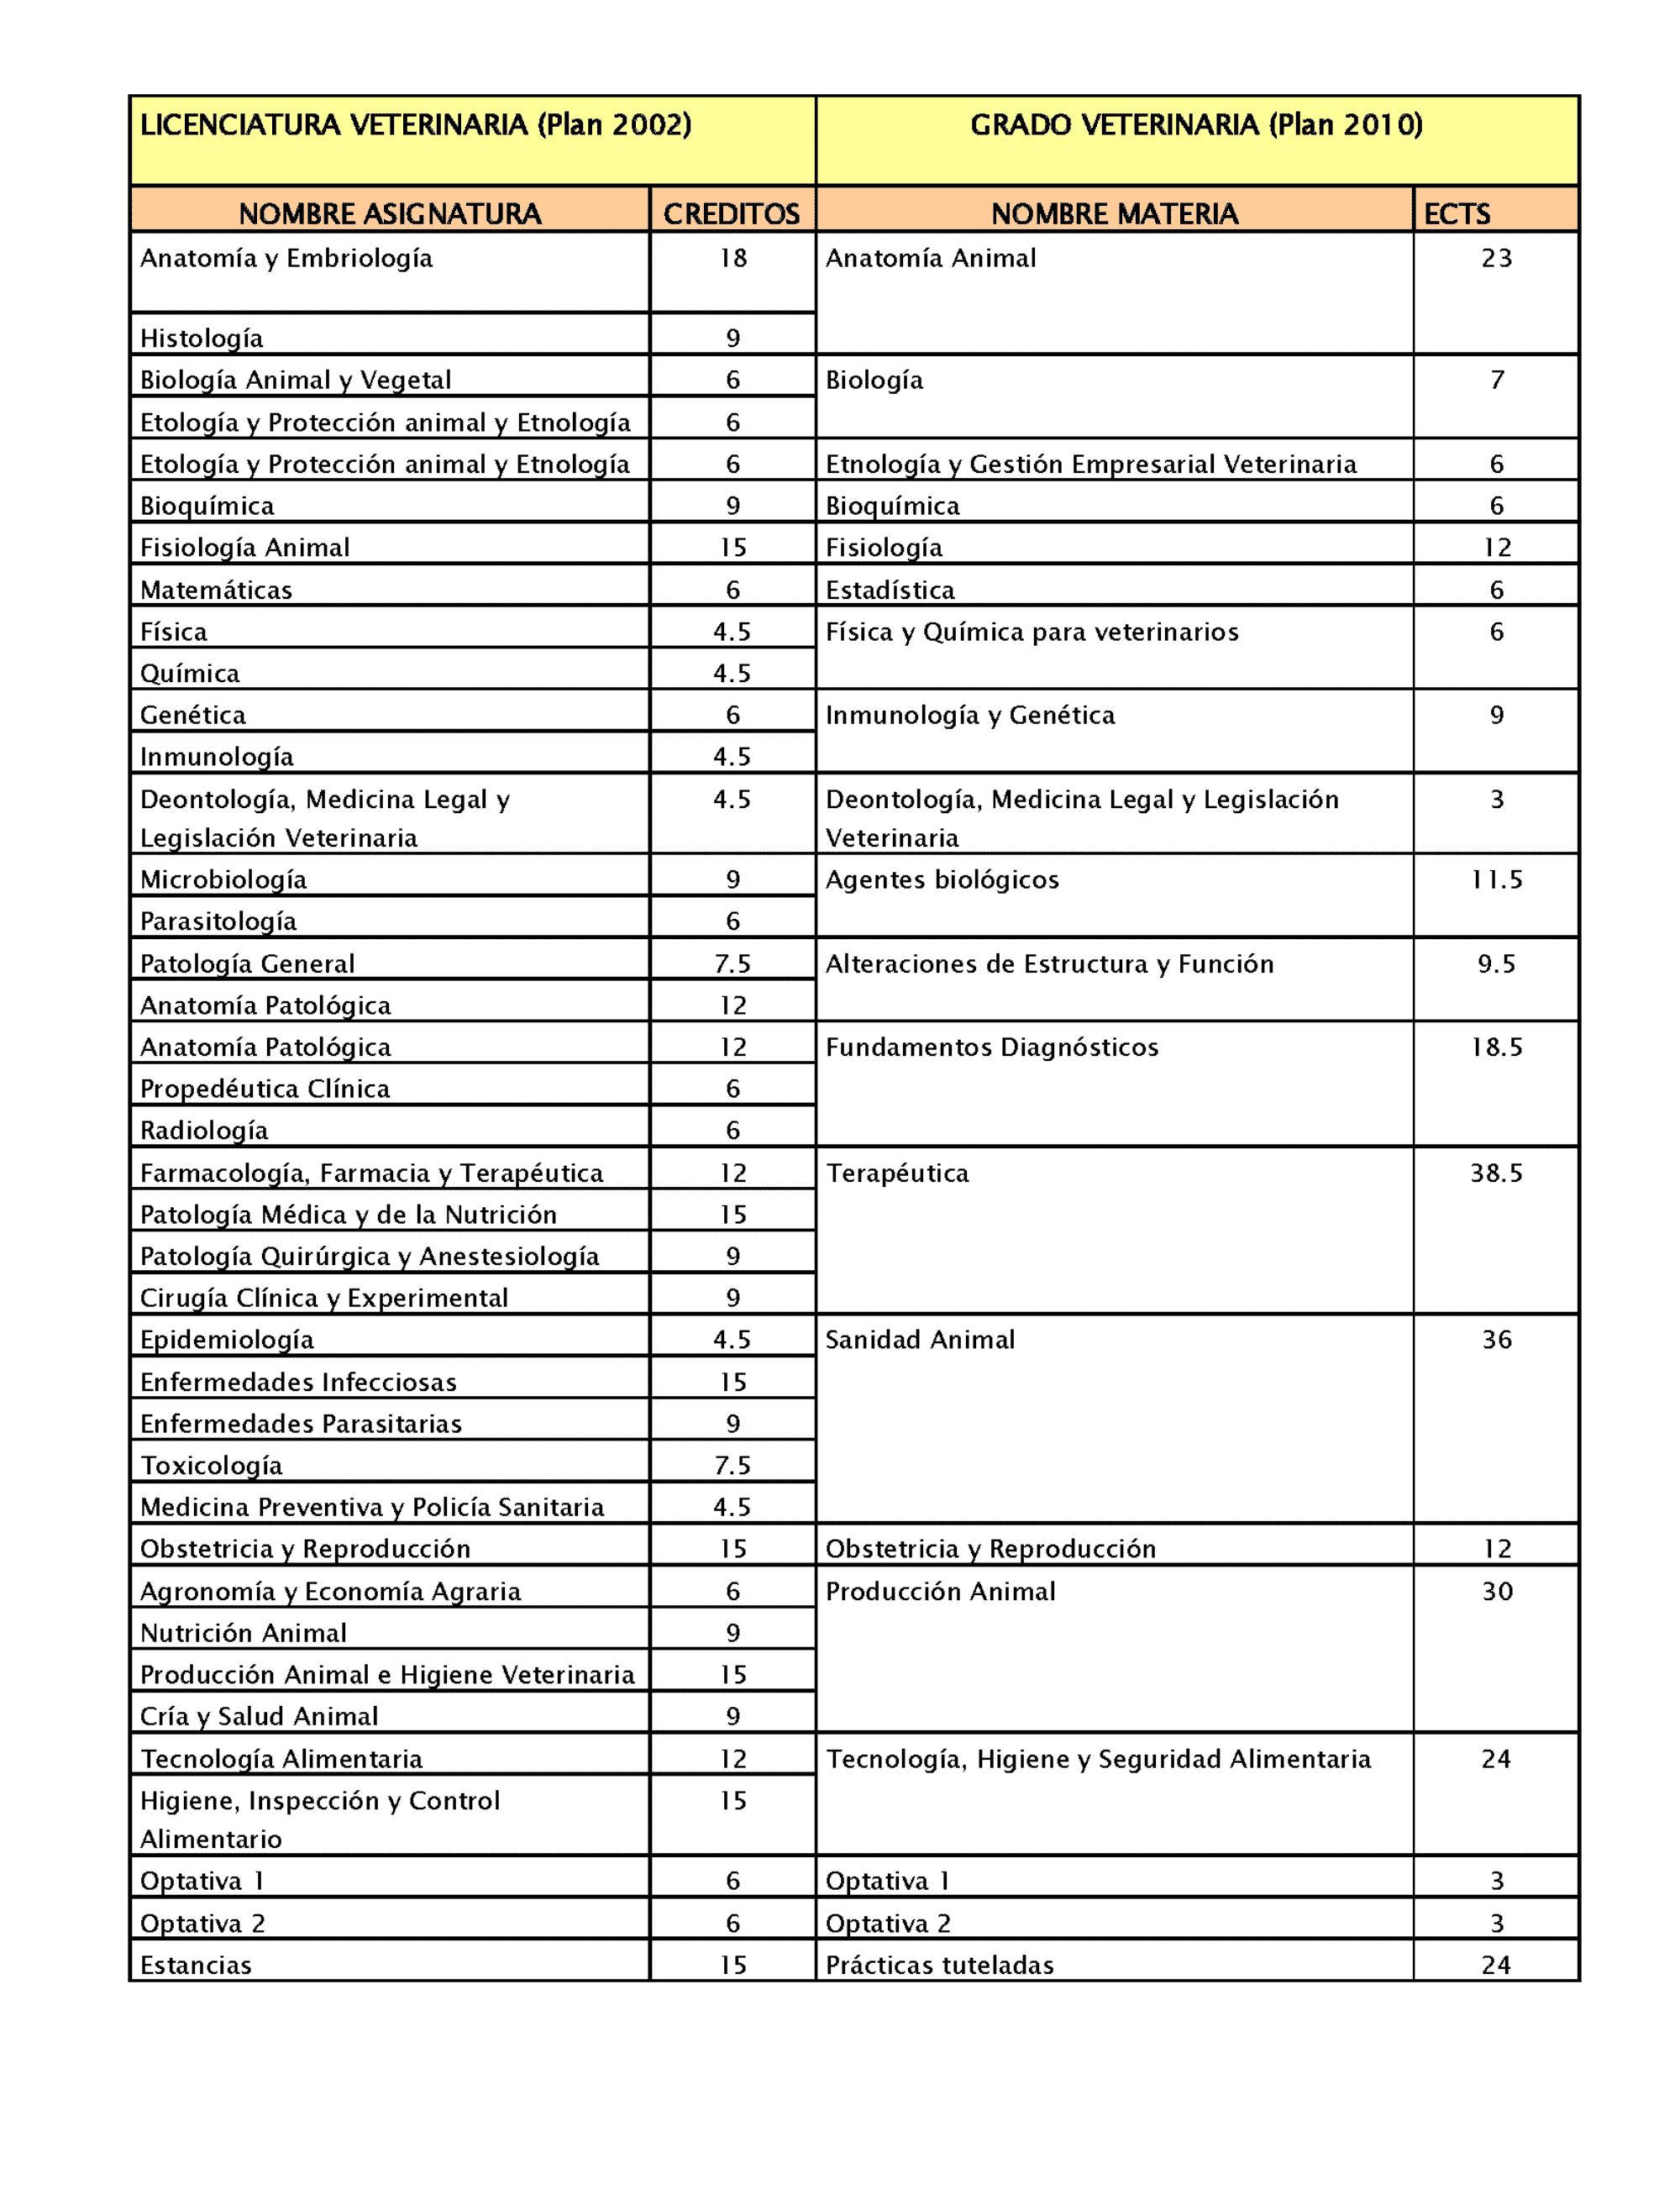 reconocimiento creditos universidad de murcia